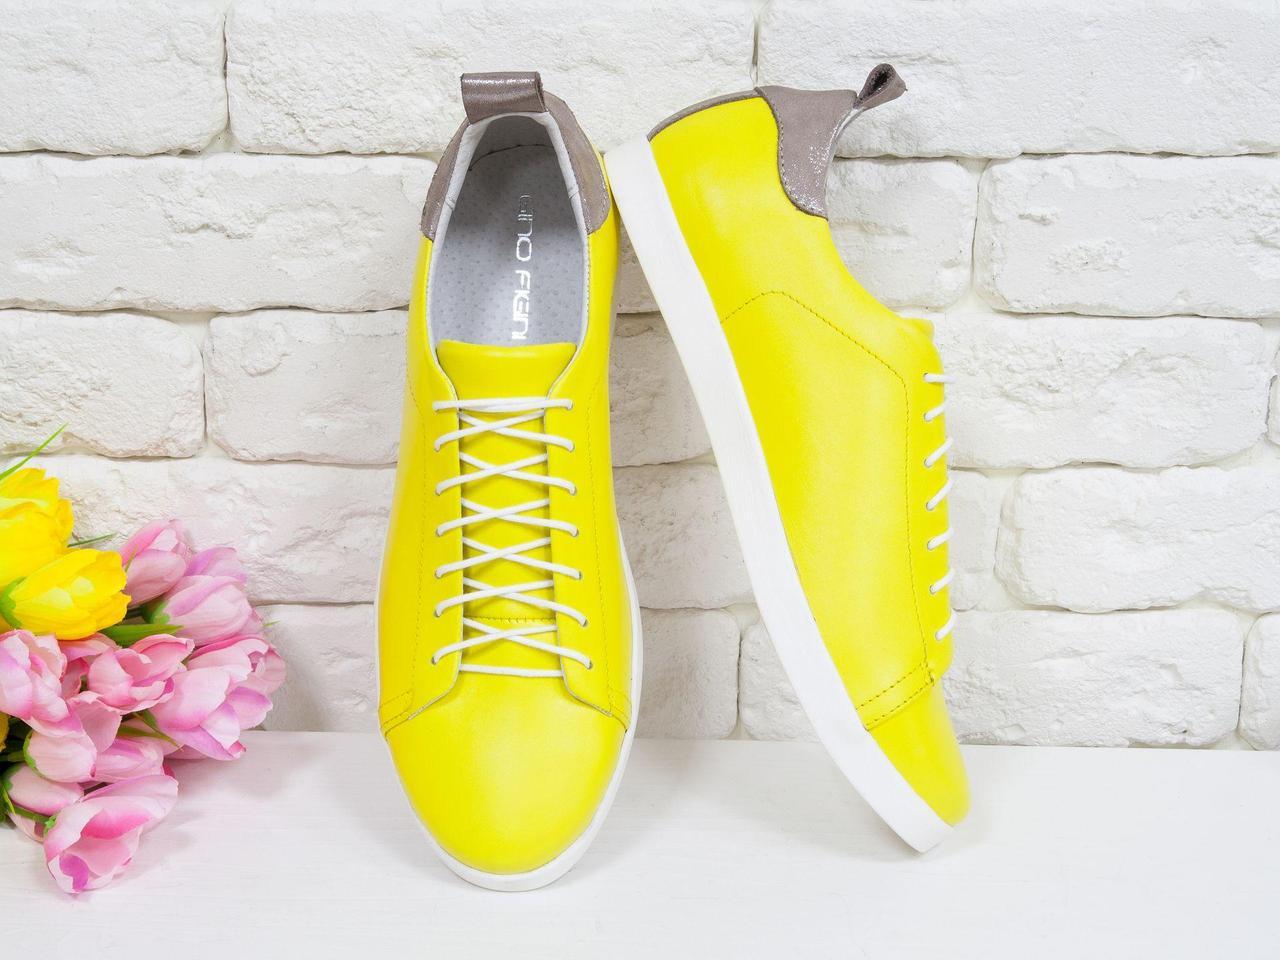 Легкие кожаные кеды ярко-желтого цвета в сочетании с бежевой блестящей кожей, Т-17026-06